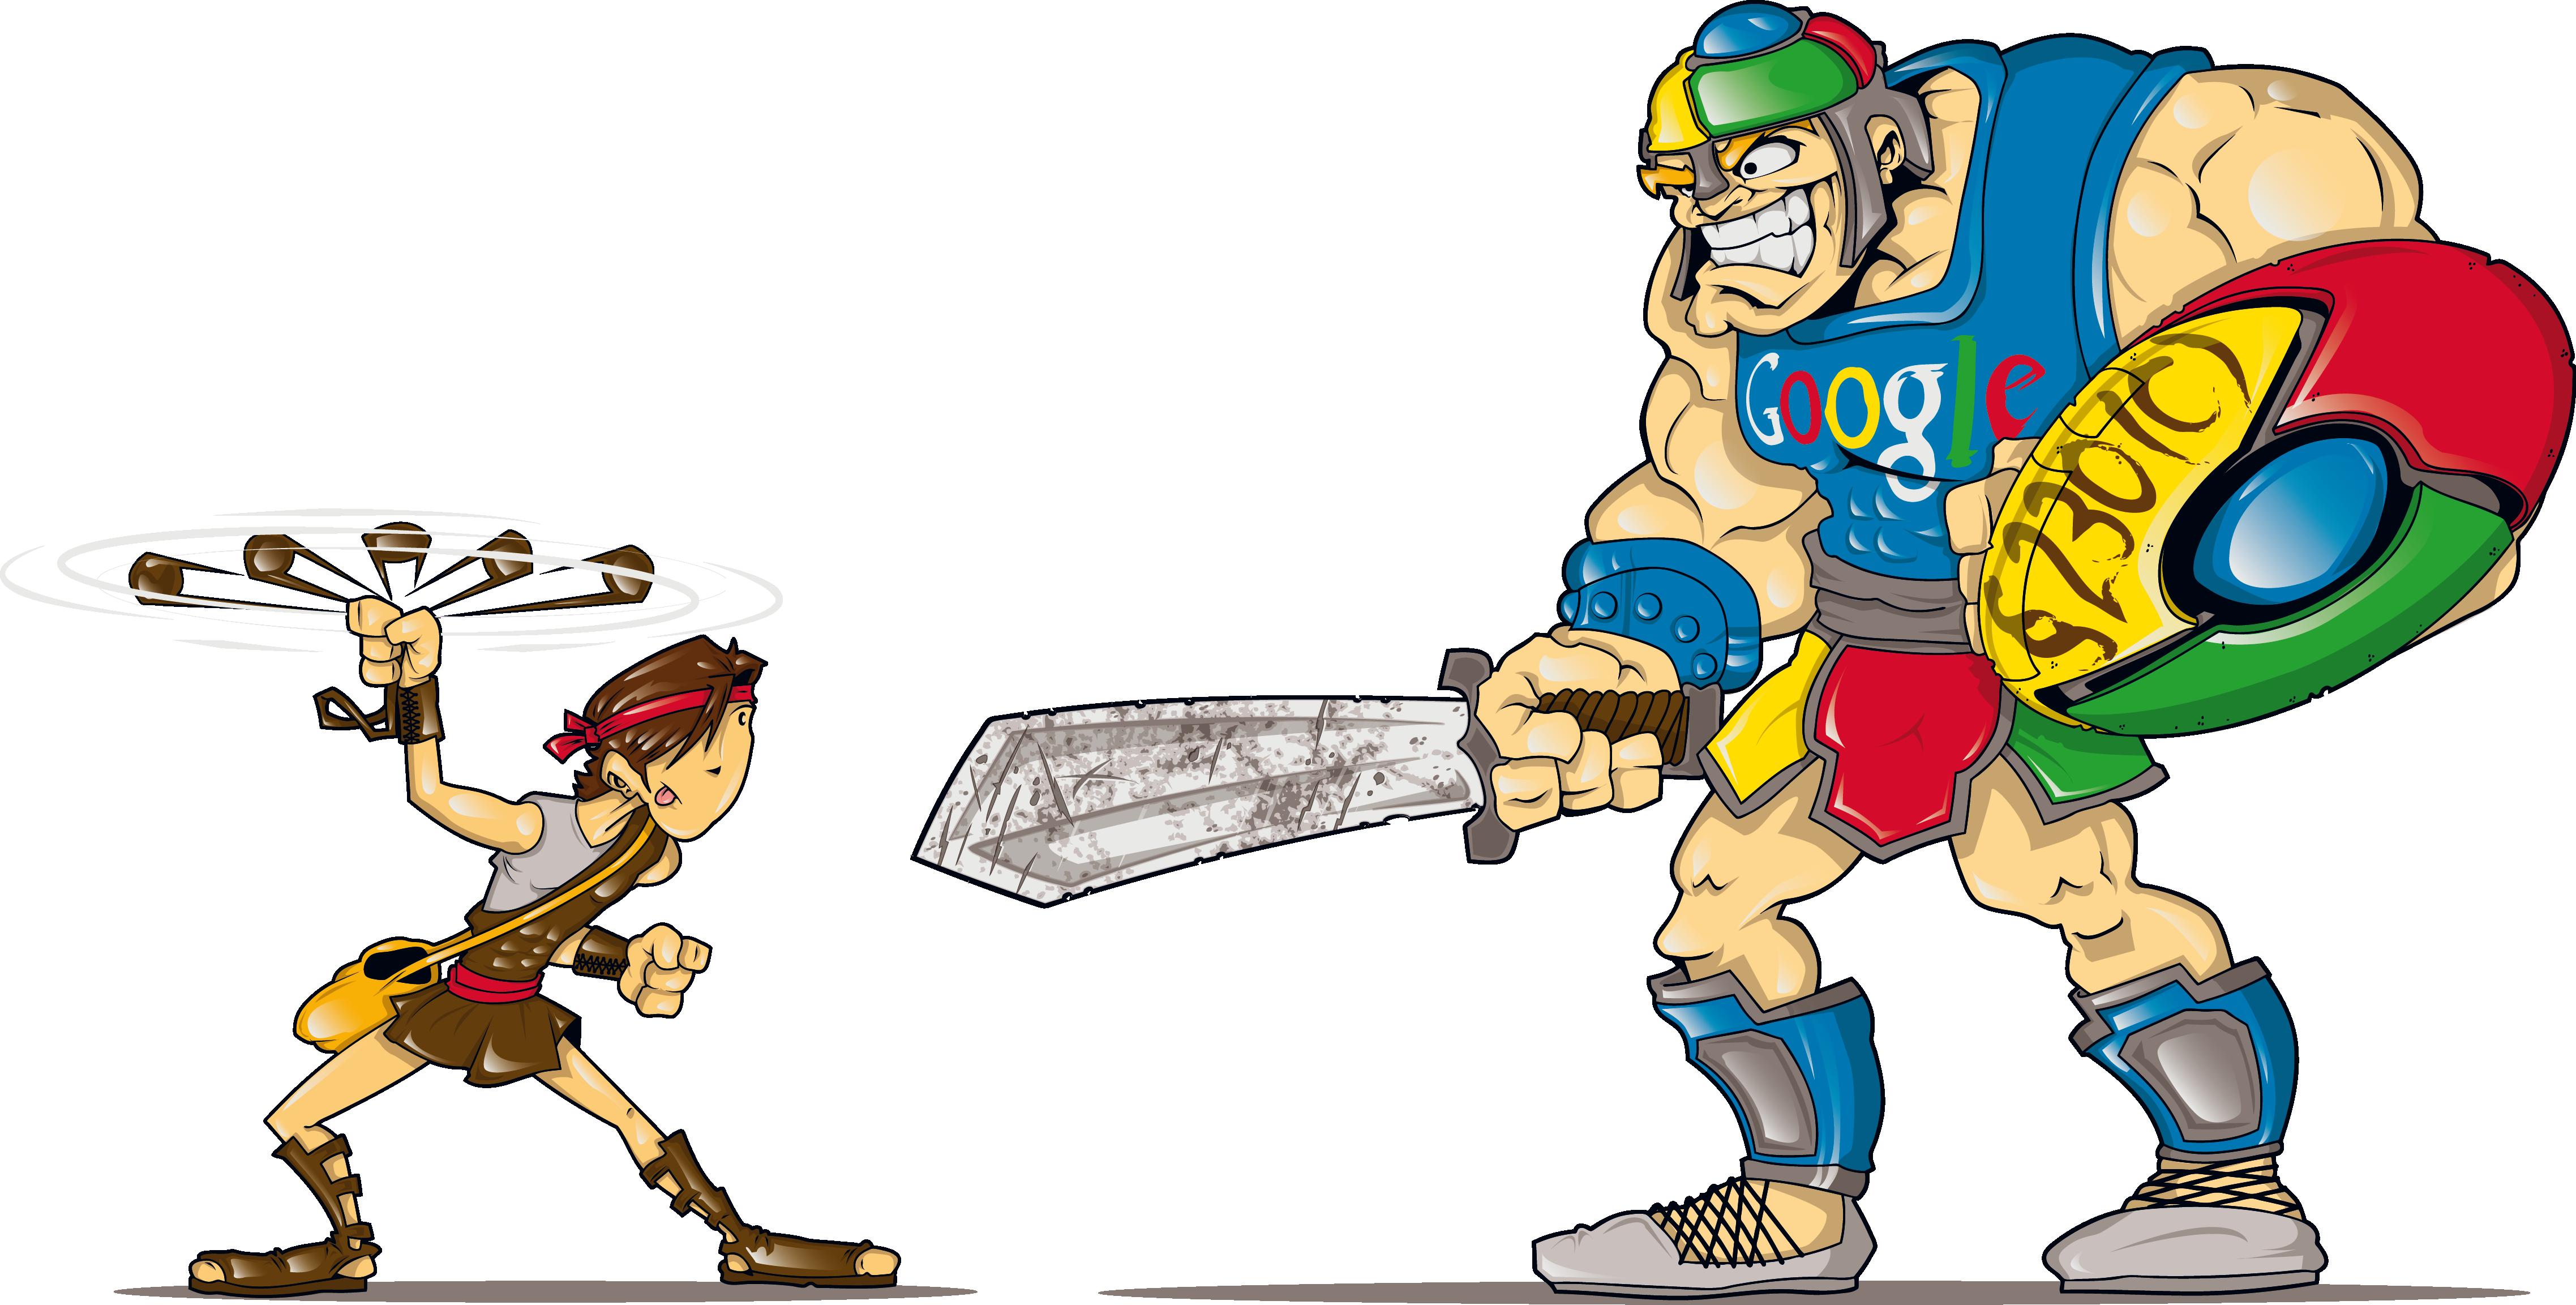 David vs Googliath